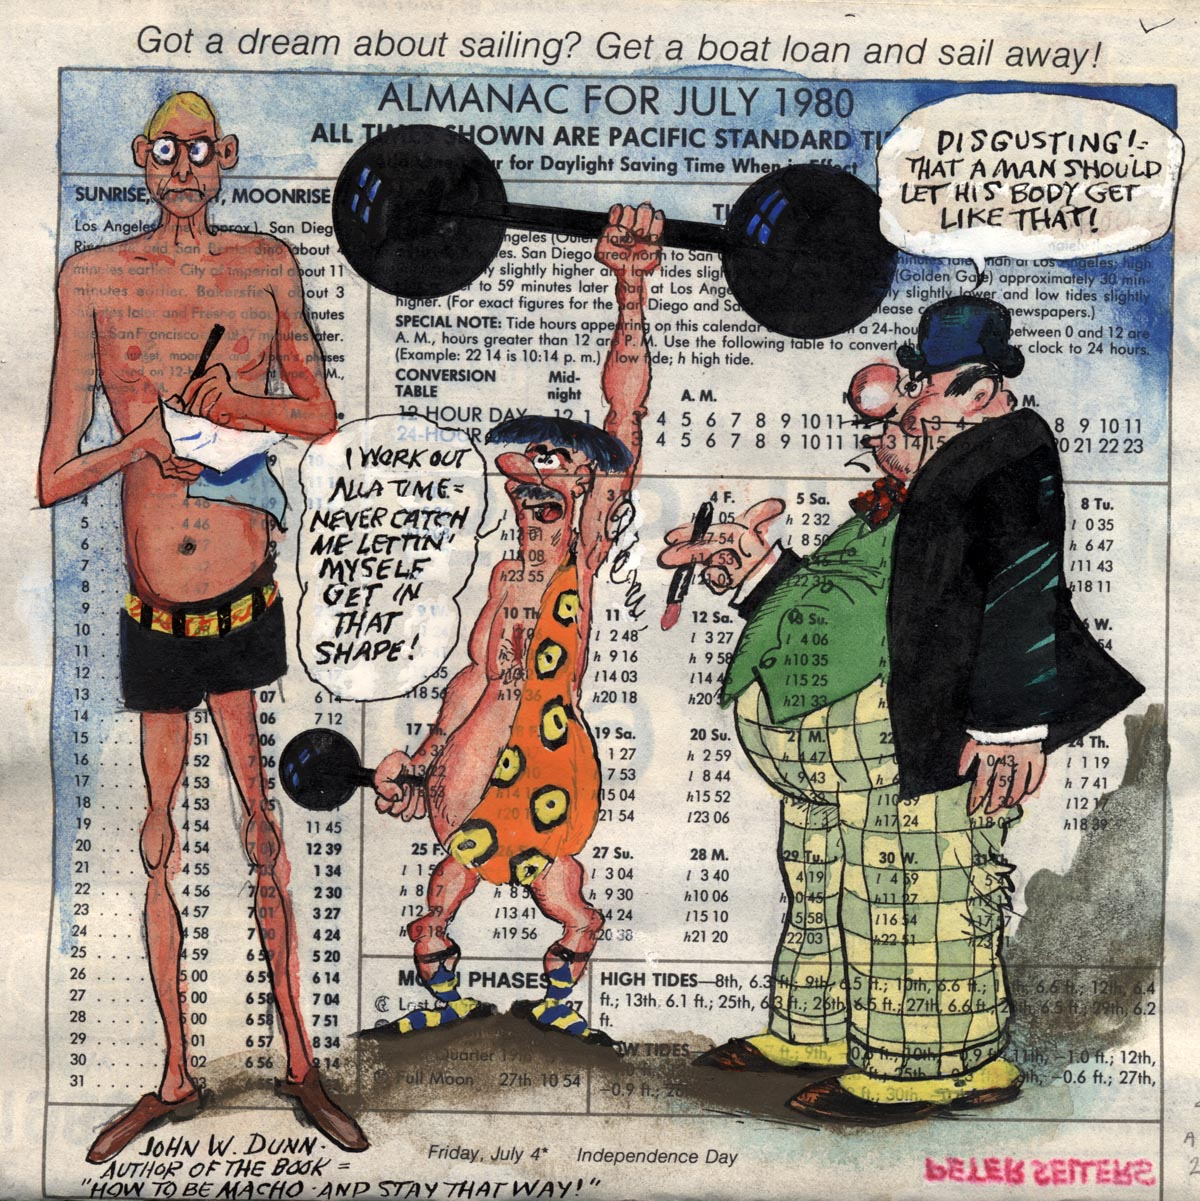 John Dunn Calendar Art